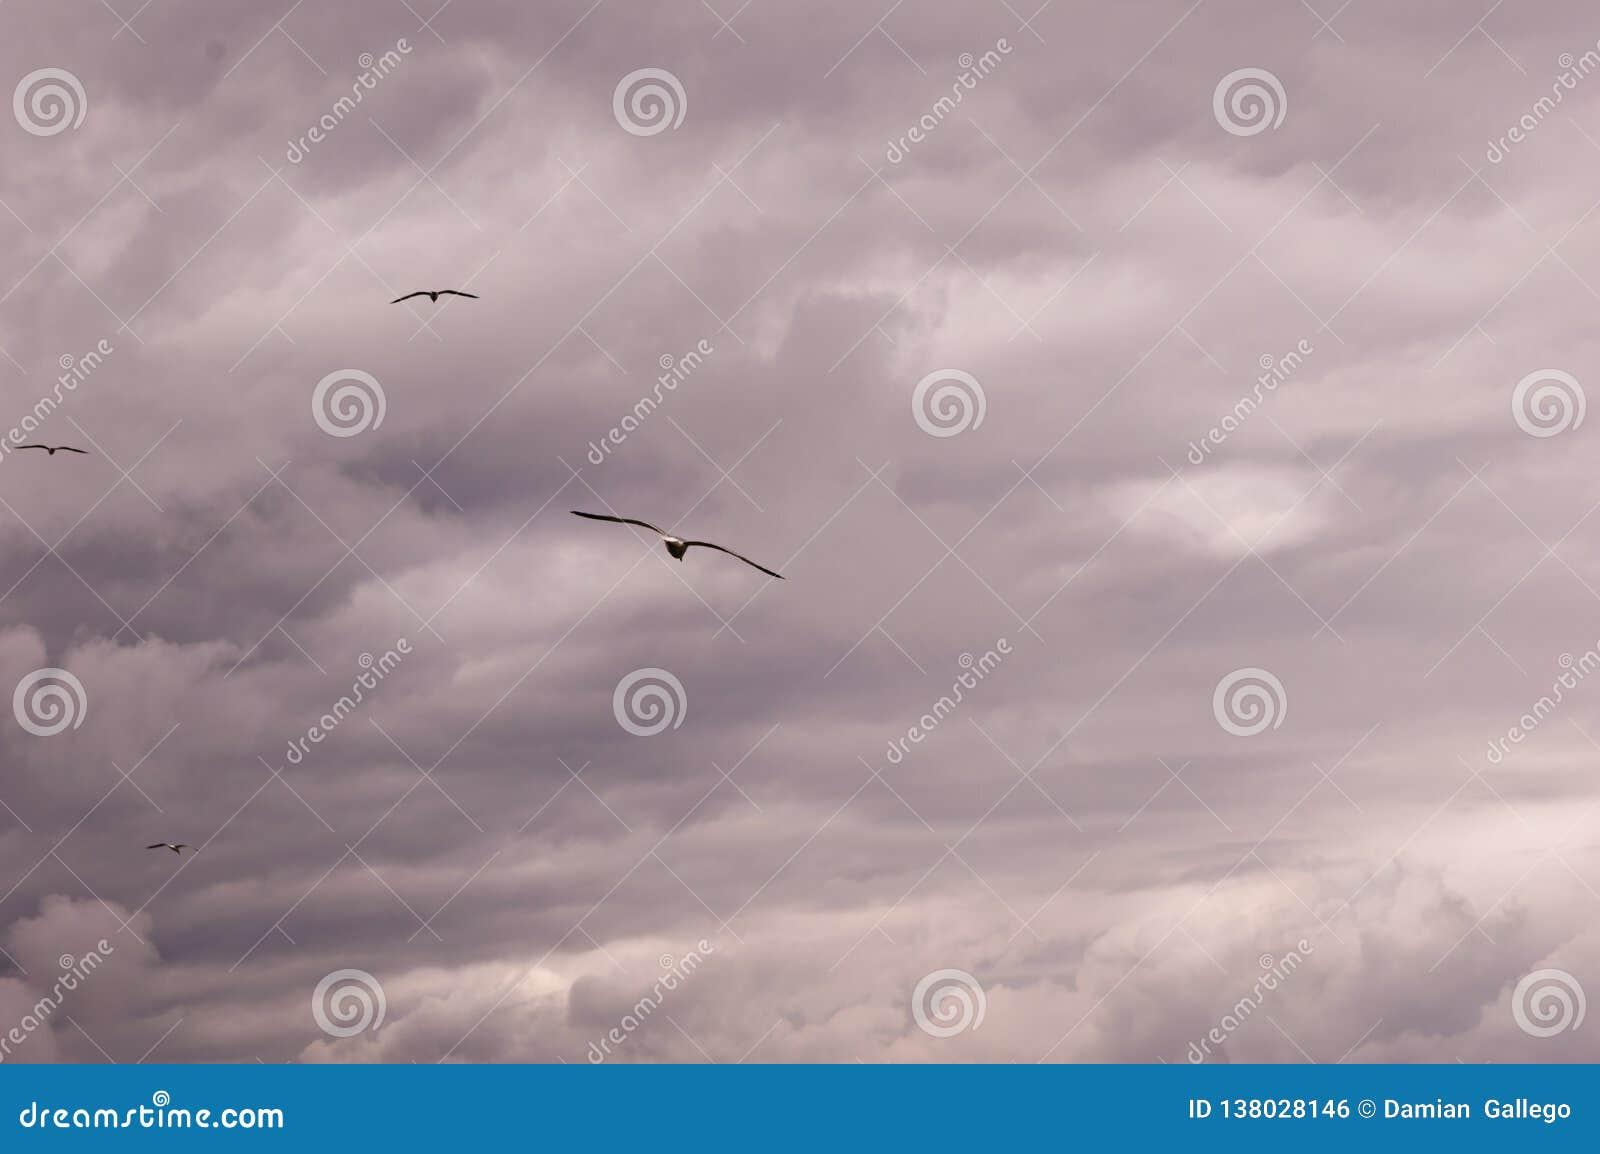 Vista panoramica di un gruppo di gabbiani che volano contro un cielo-scape tempestoso